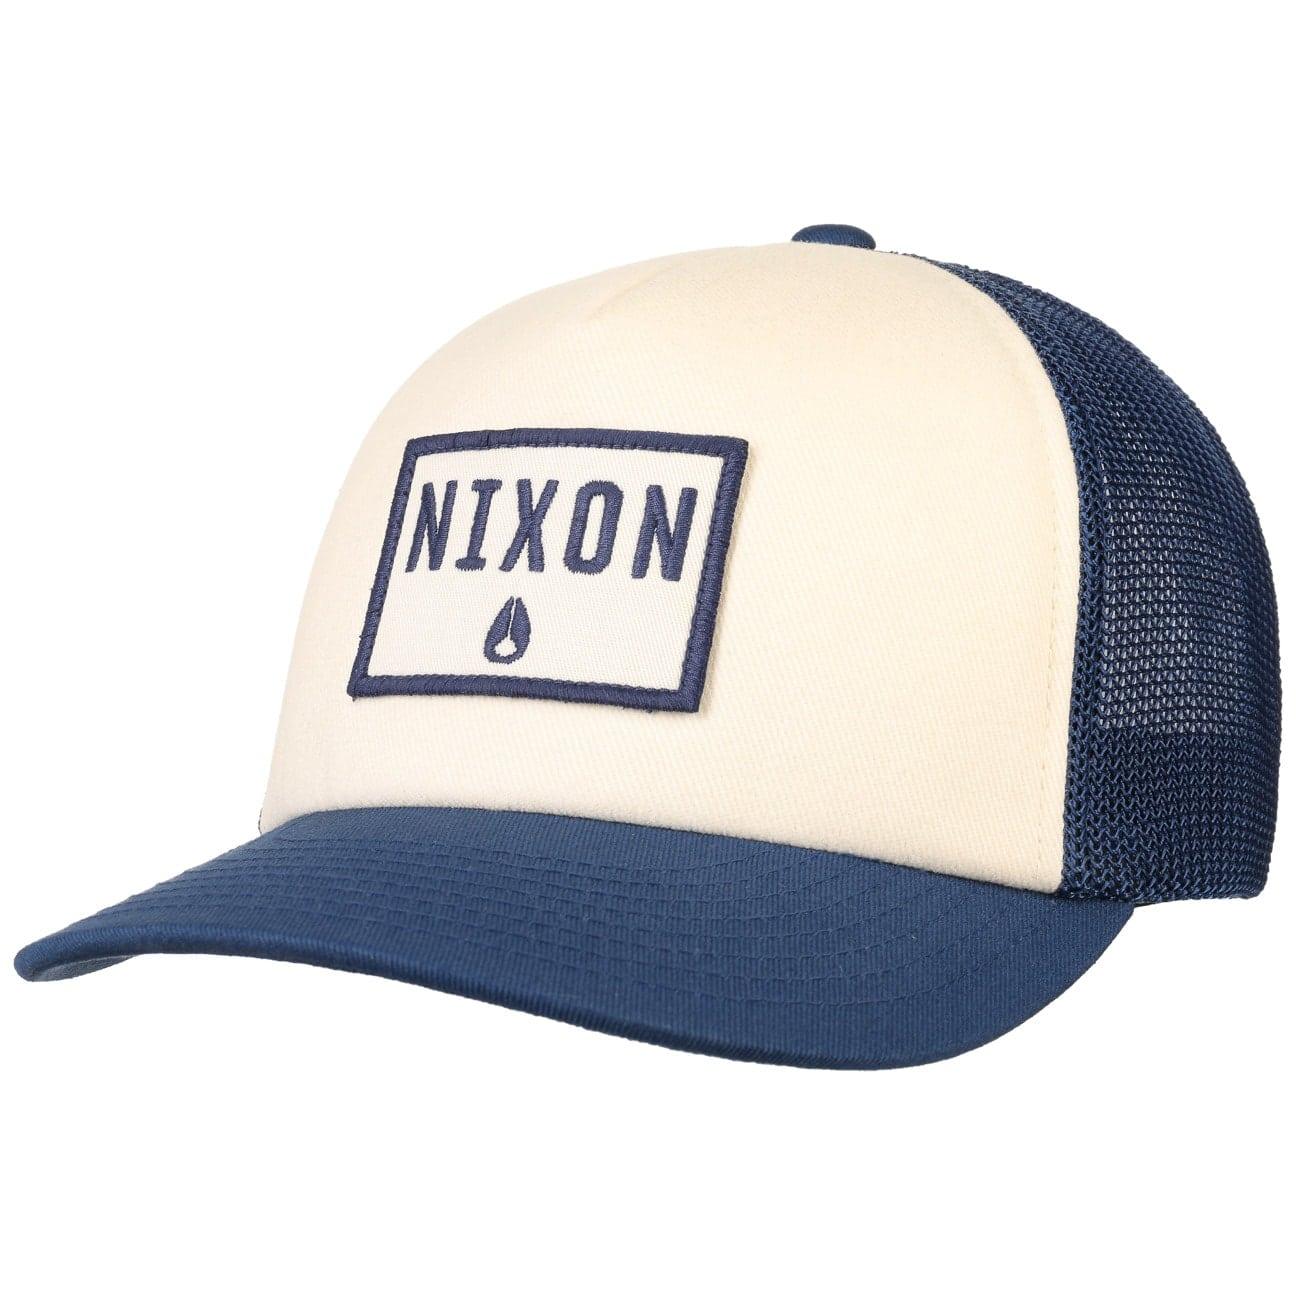 Gorra Bend Trucker by Nixon  gorra de malla